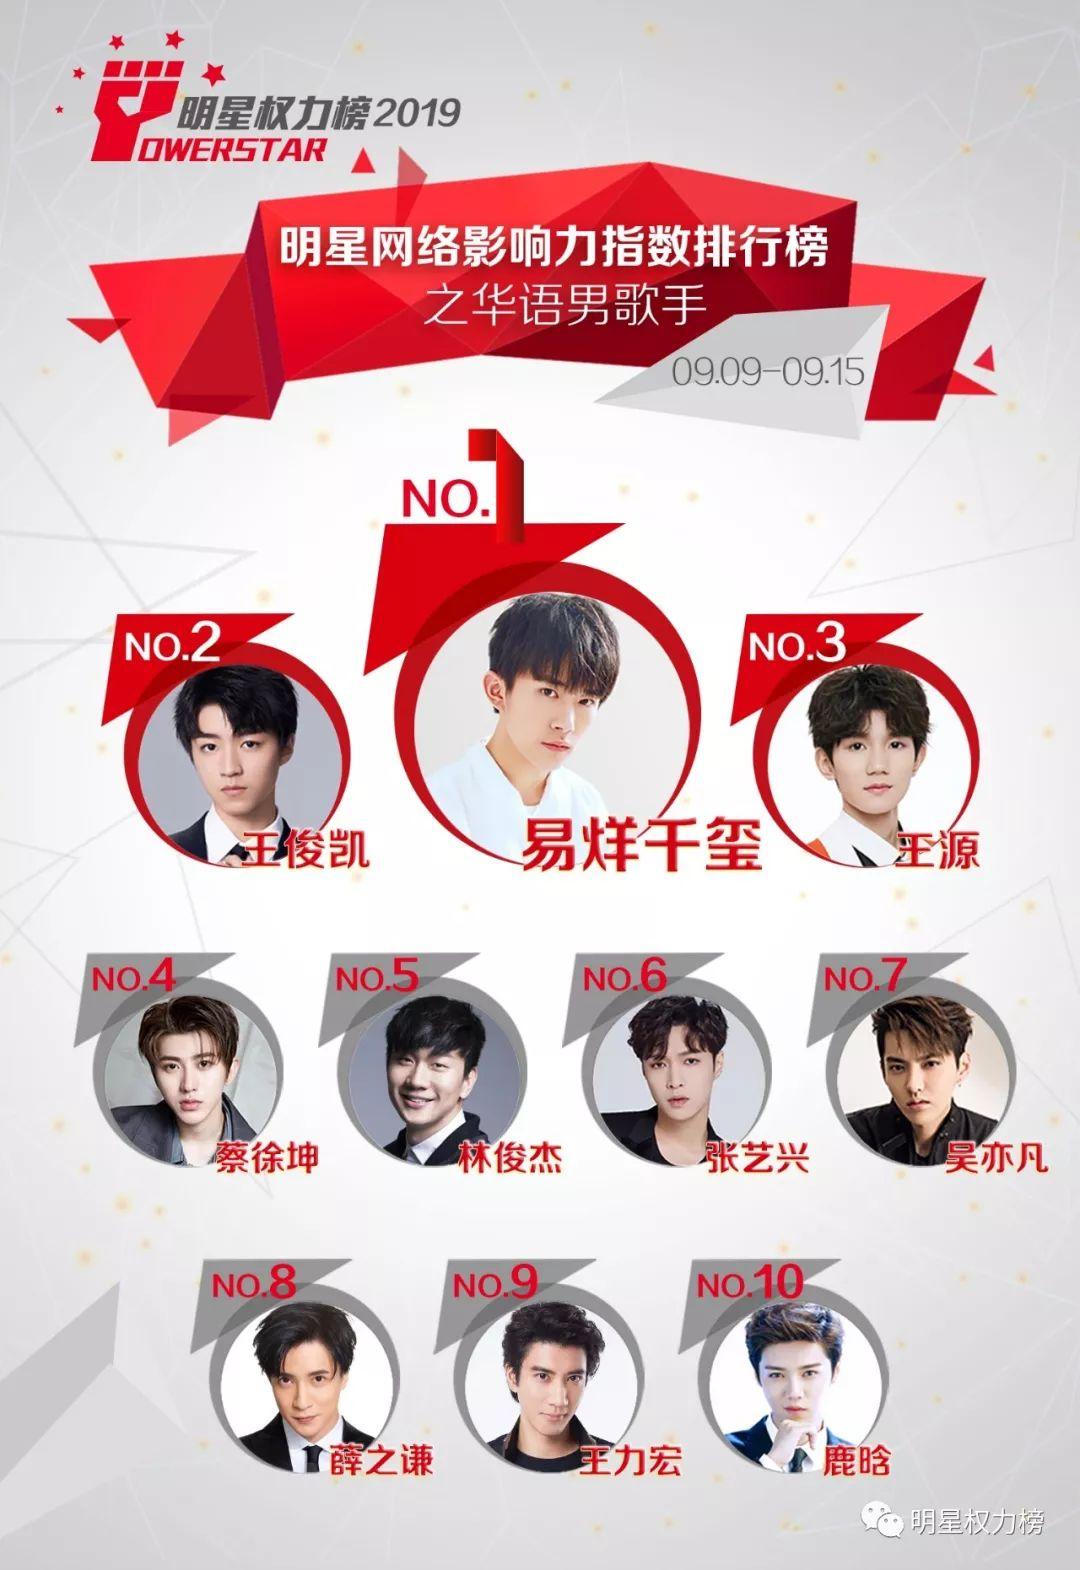 明星网络影响力指数排行榜第217期榜单之华语男歌手Top10